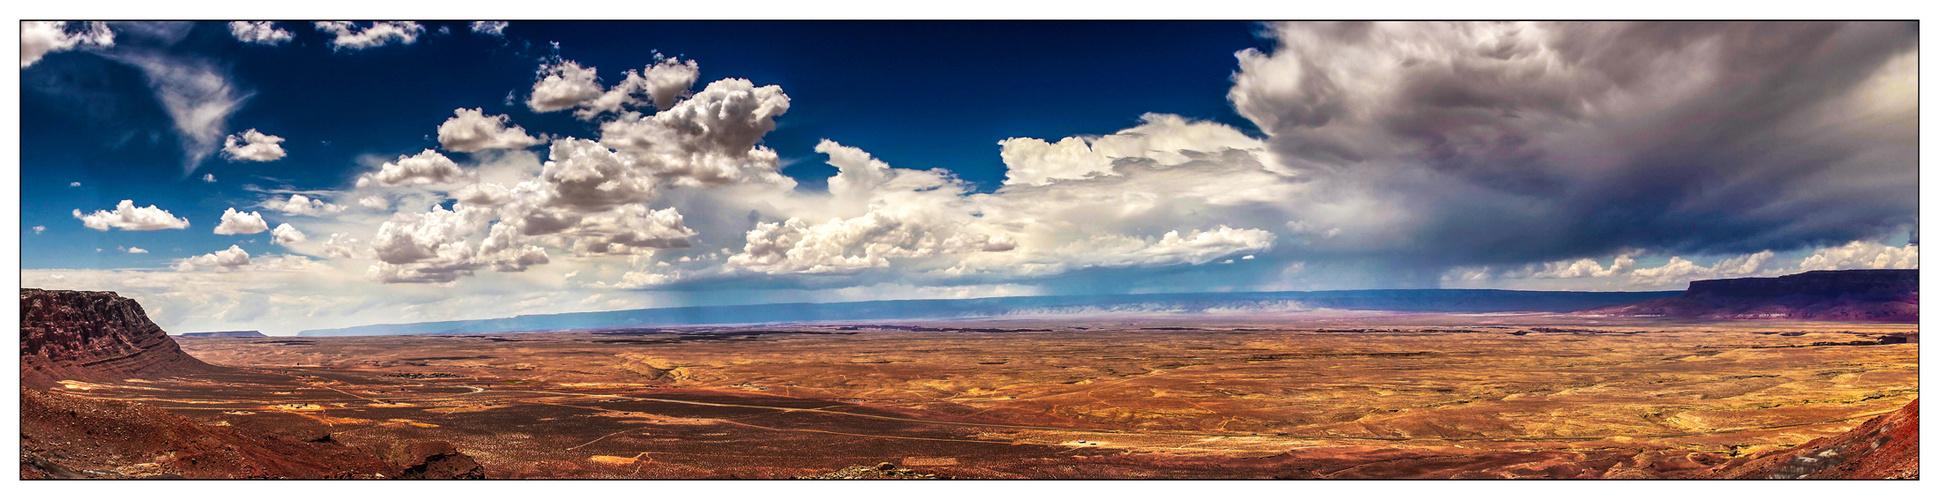 Panorama Colorado / Grand Canyon Hochebene